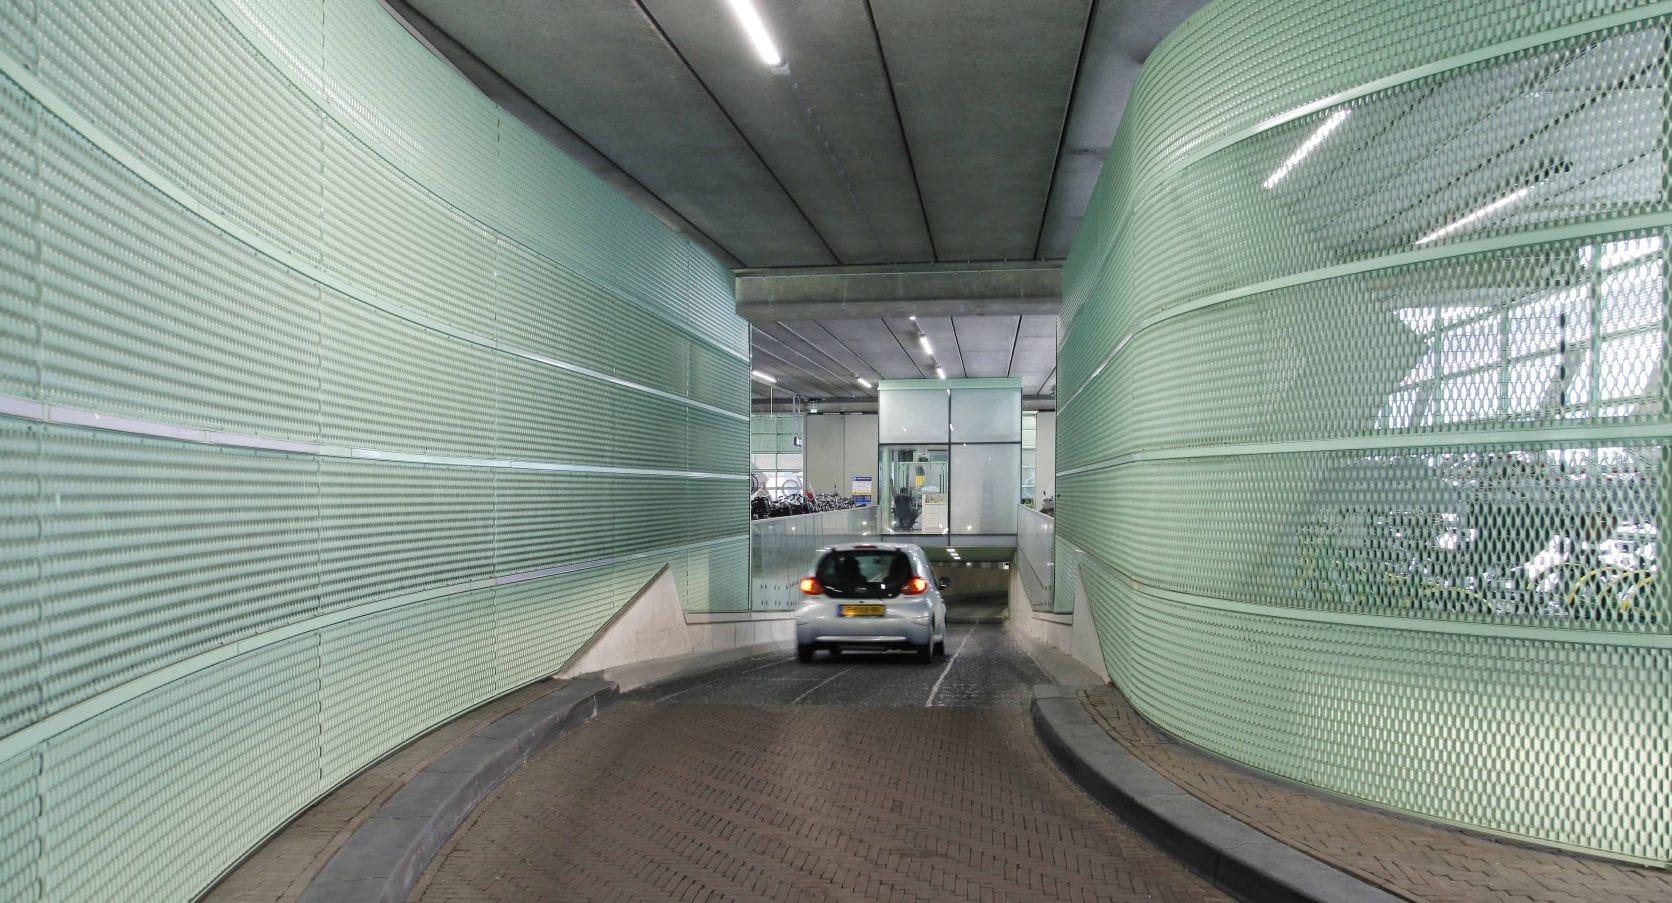 Fietsenstalling Station in Den Haag uitegerust met strekmetalen gevels